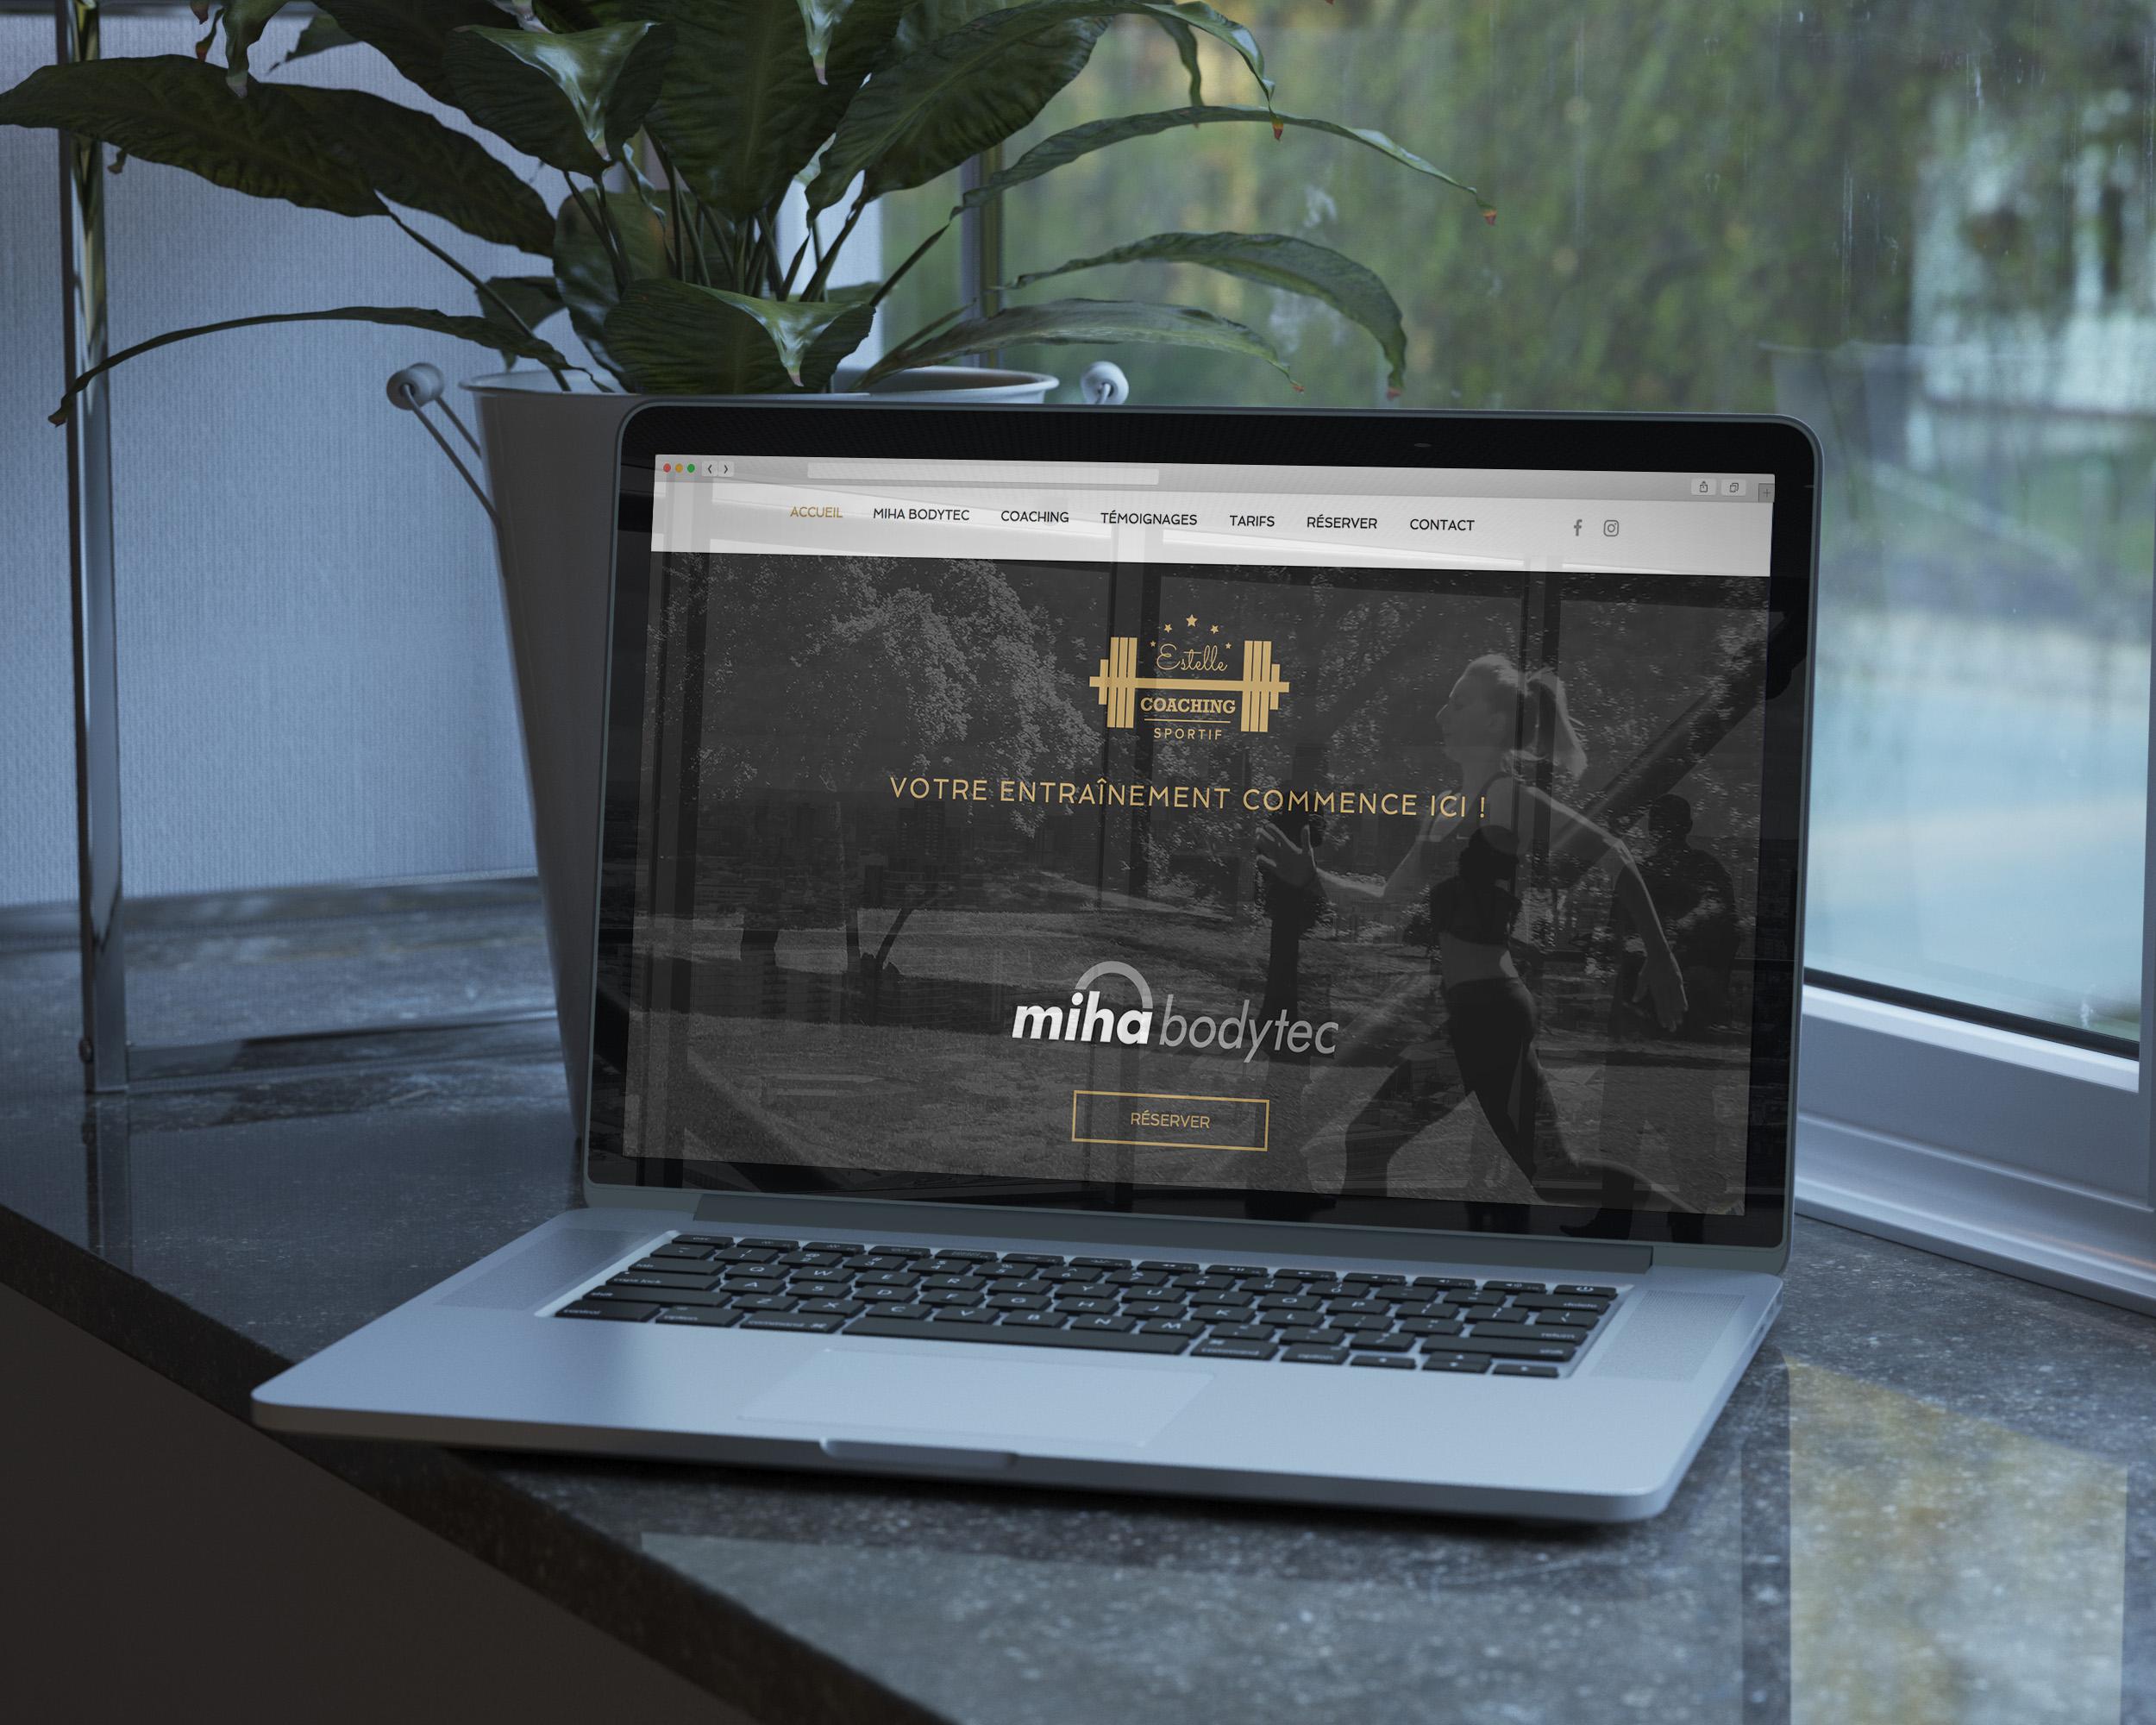 Macbook posé sur une étagère allumé avec la page internet ouverte sur le site Estelle Coaching Sportif